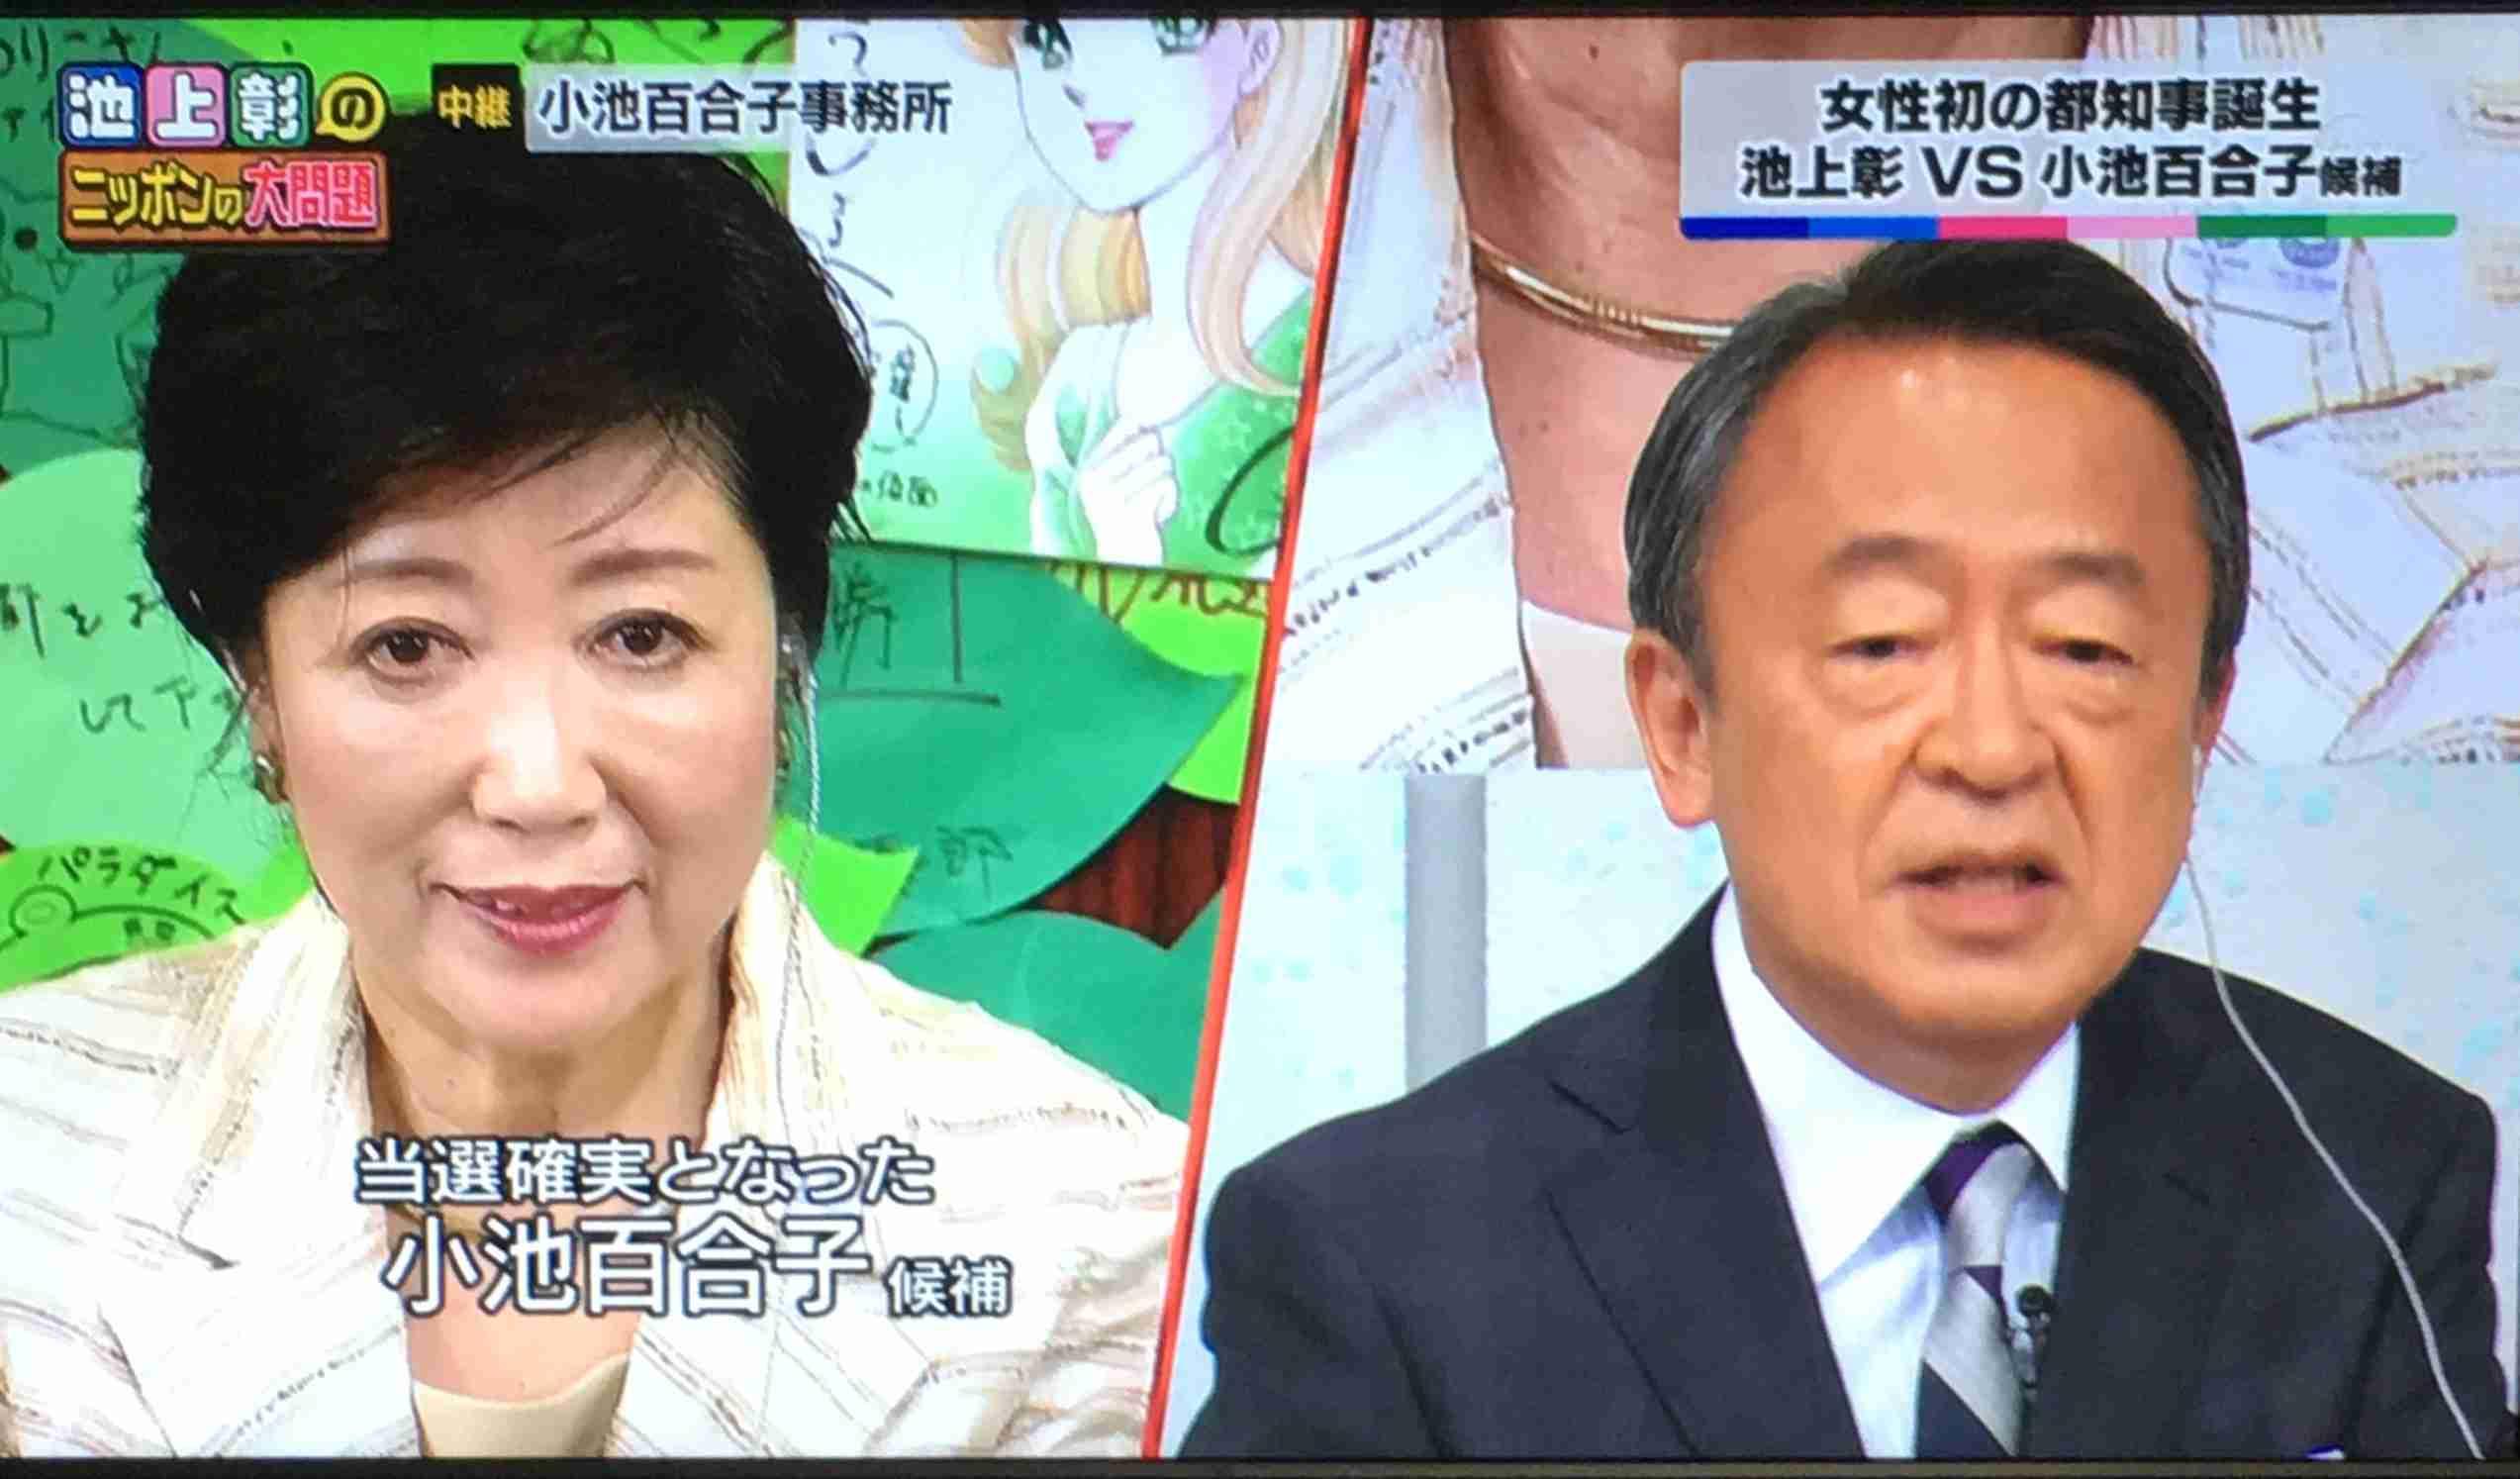 東京都知事選 小池百合子氏が当選確実